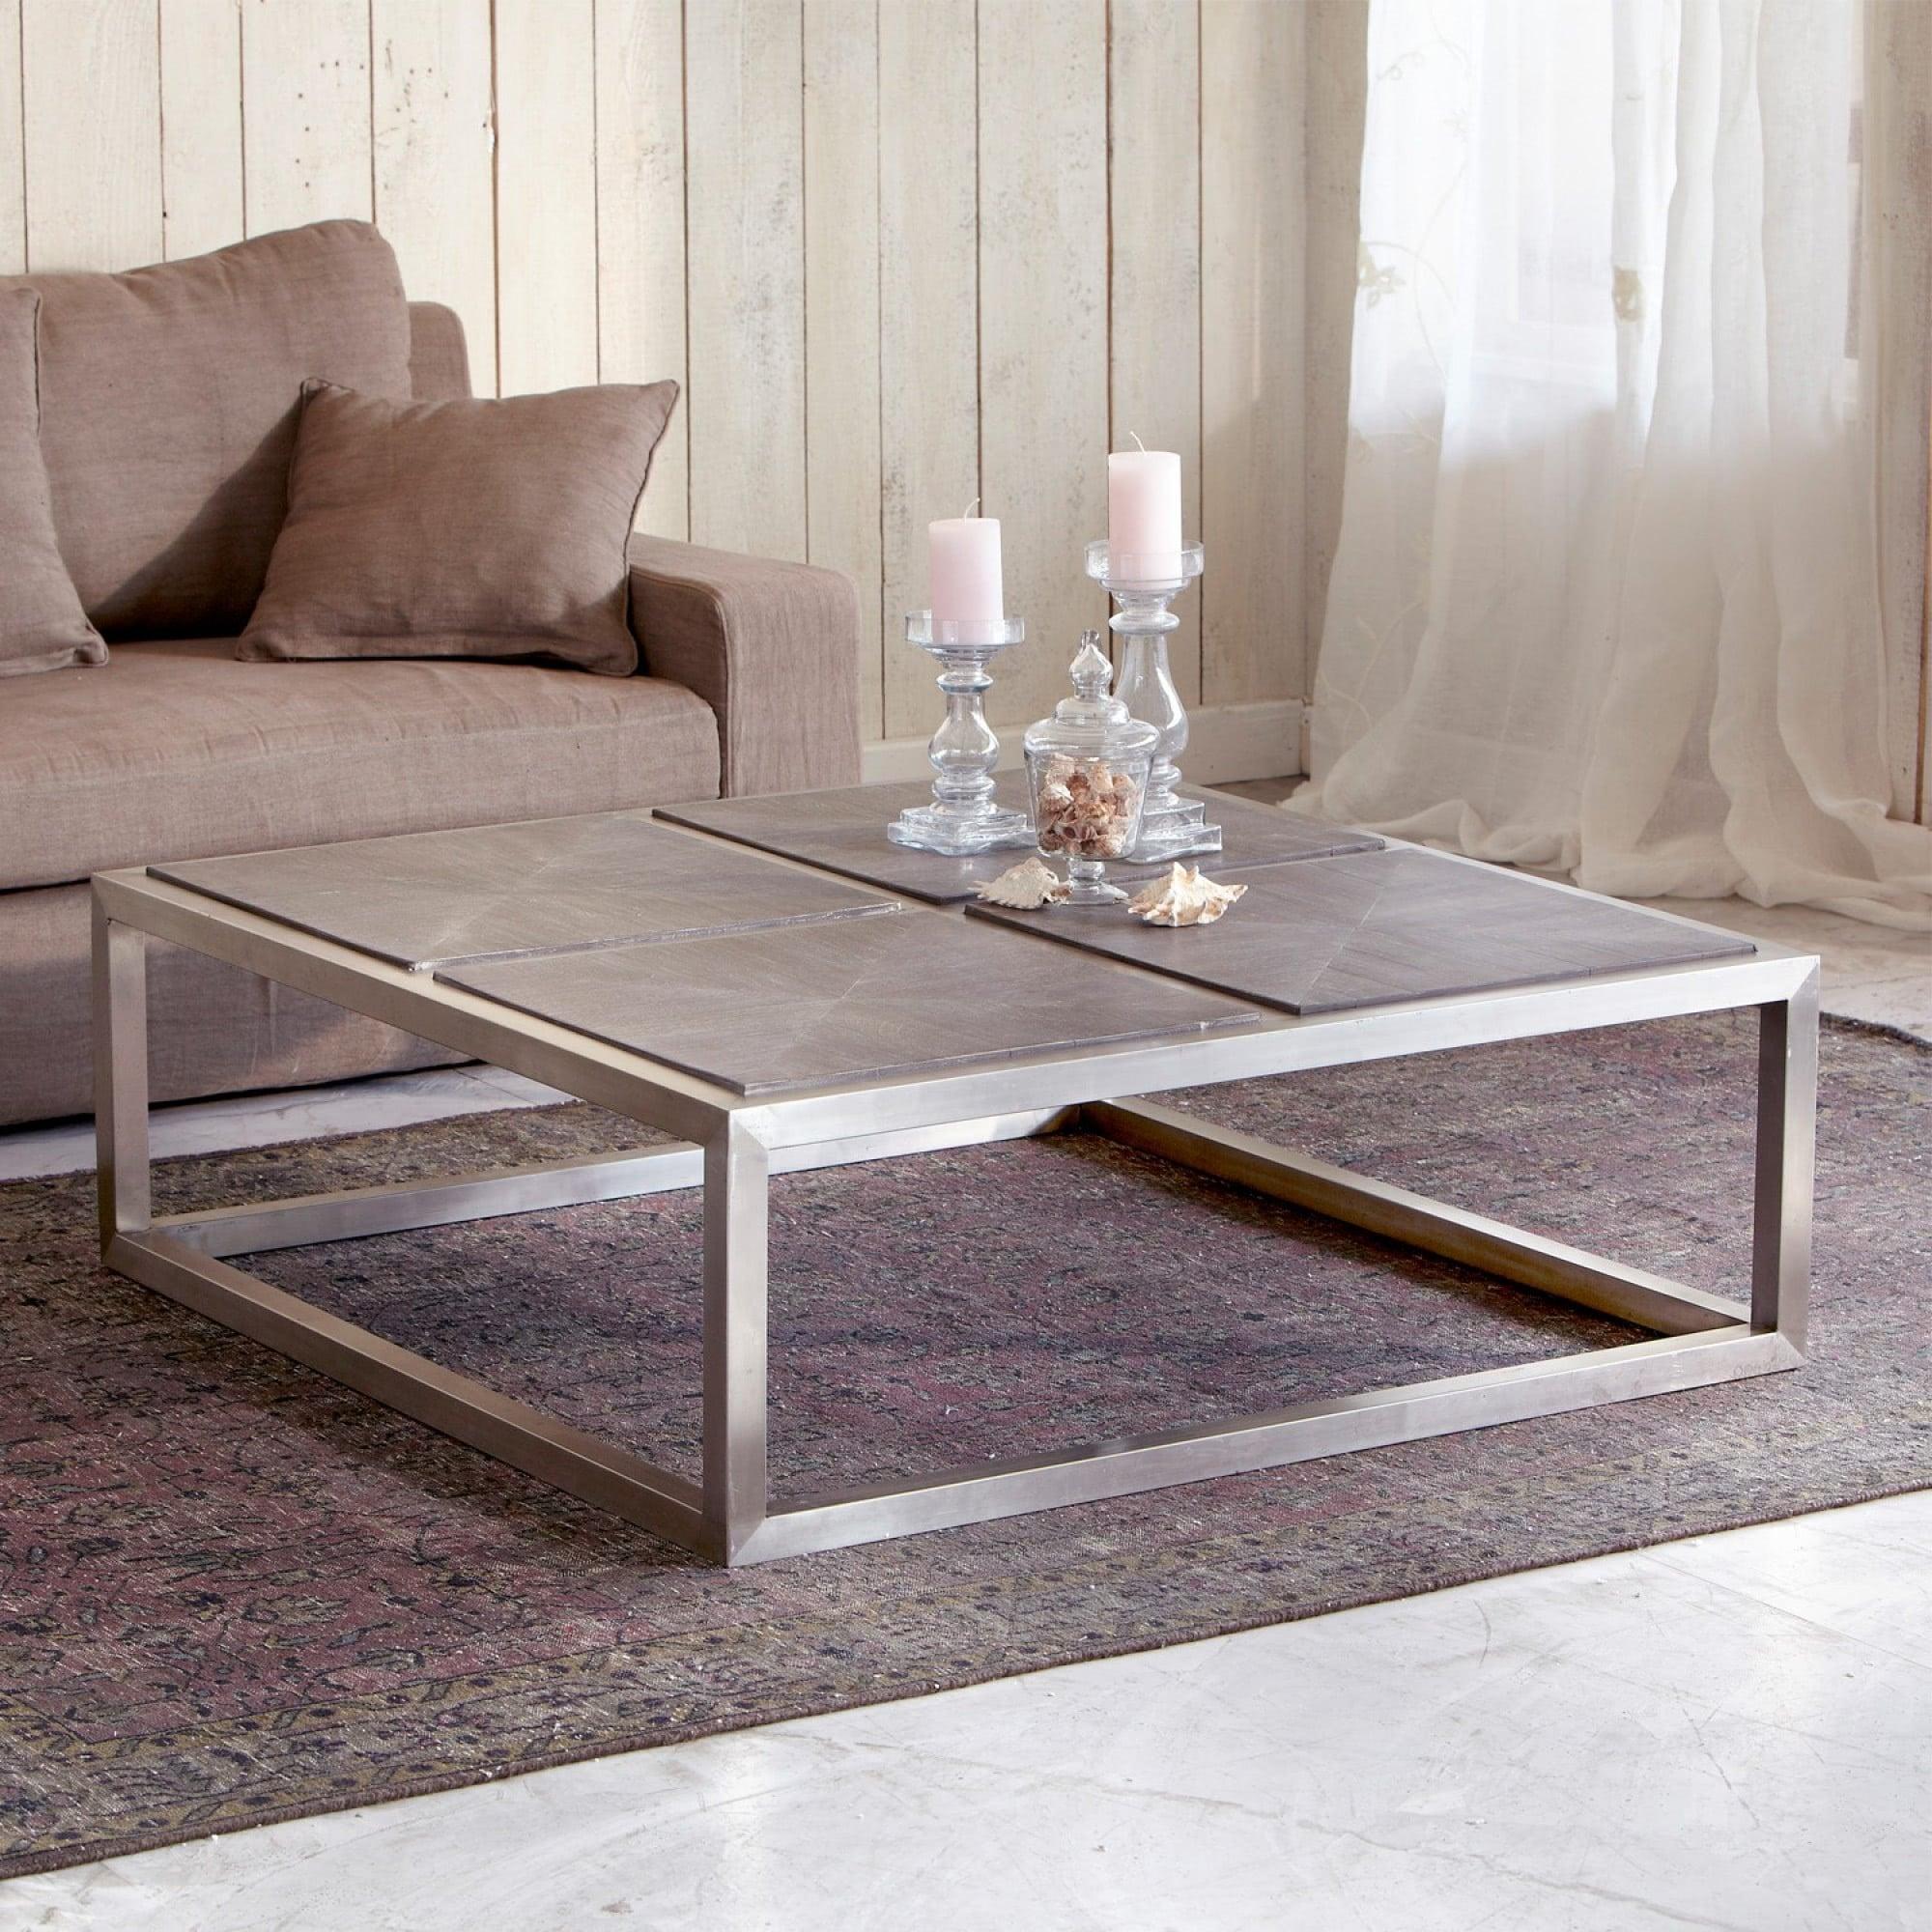 Couchtisch Truhe Silber Kreative Ideen Ber Home Design